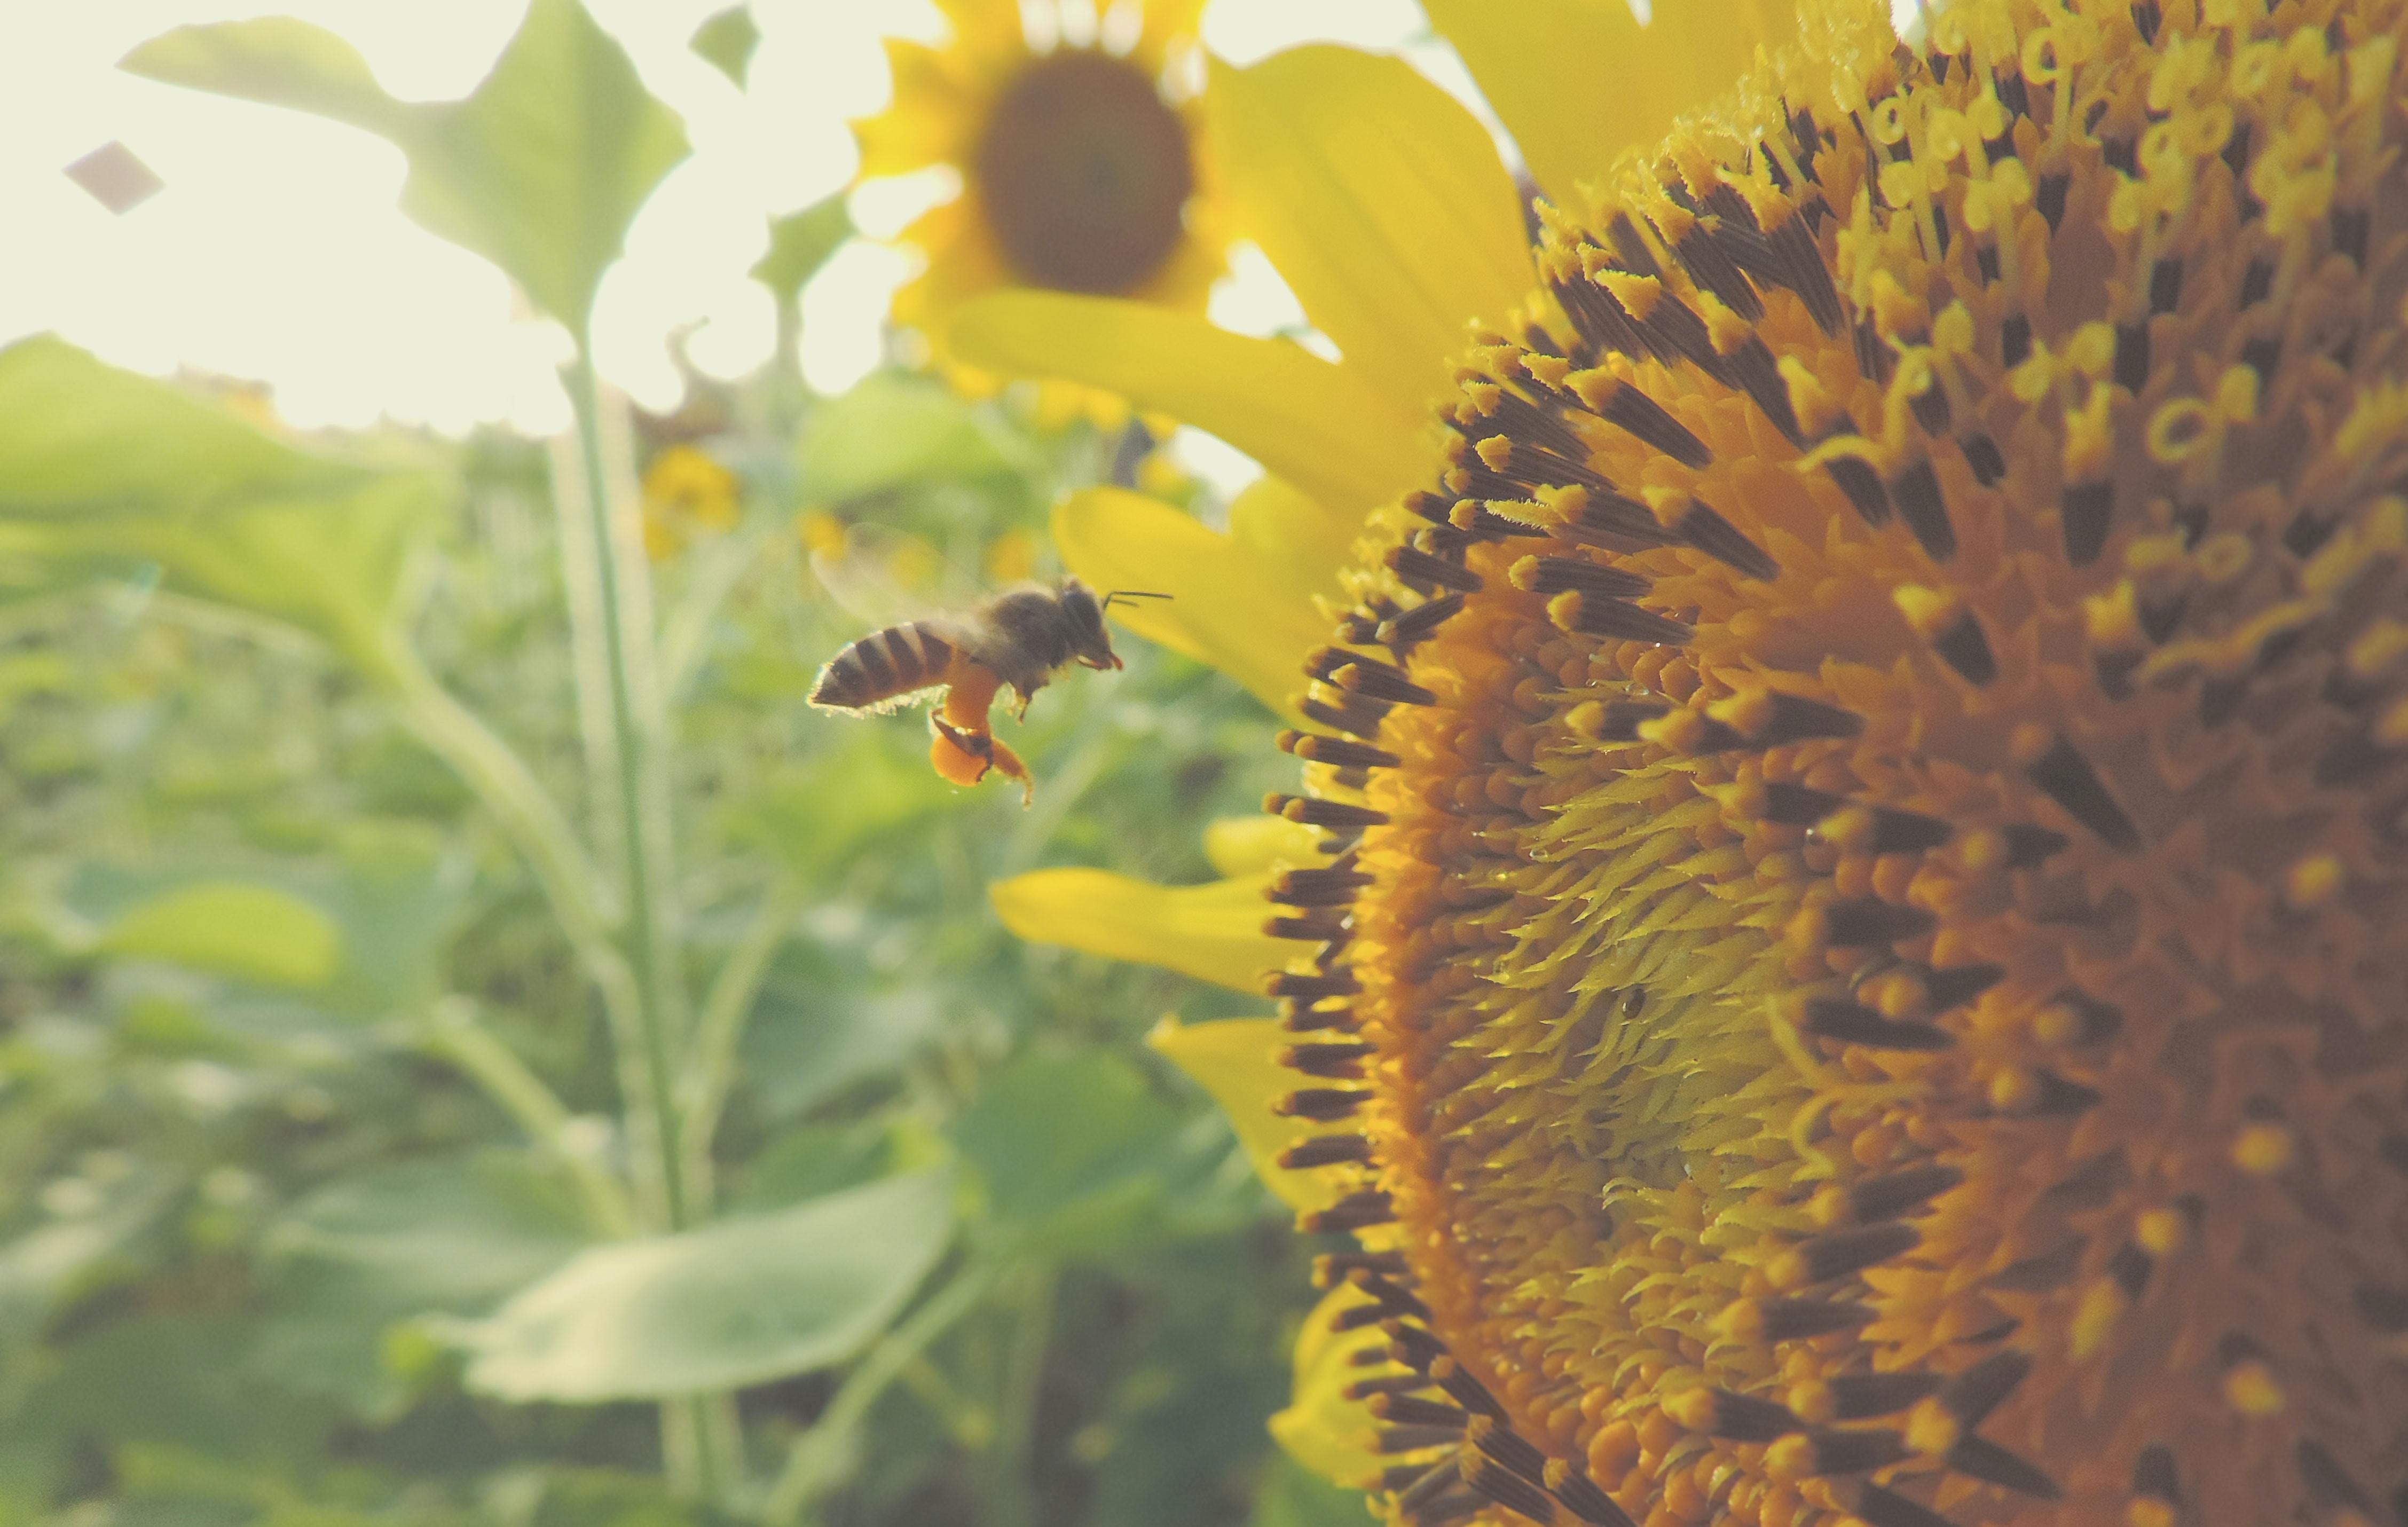 A bee in flight near a large sunflower head